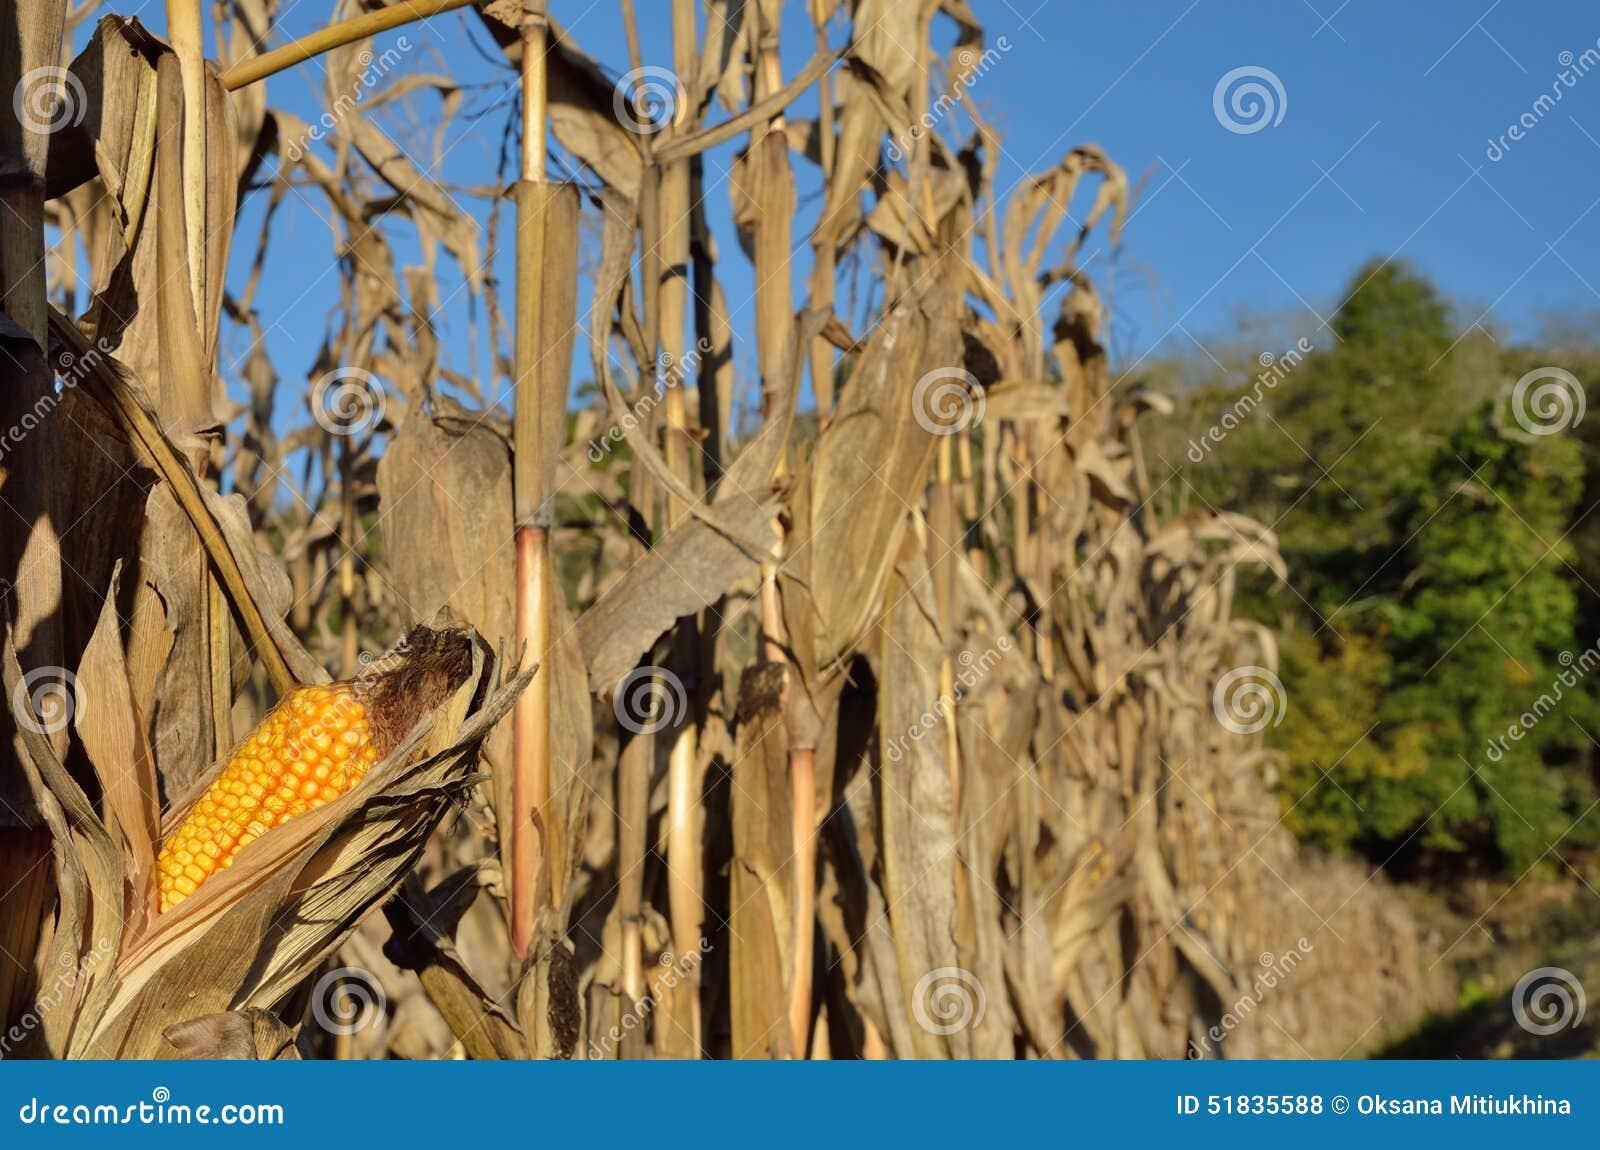 Осеннее кукурузное поле